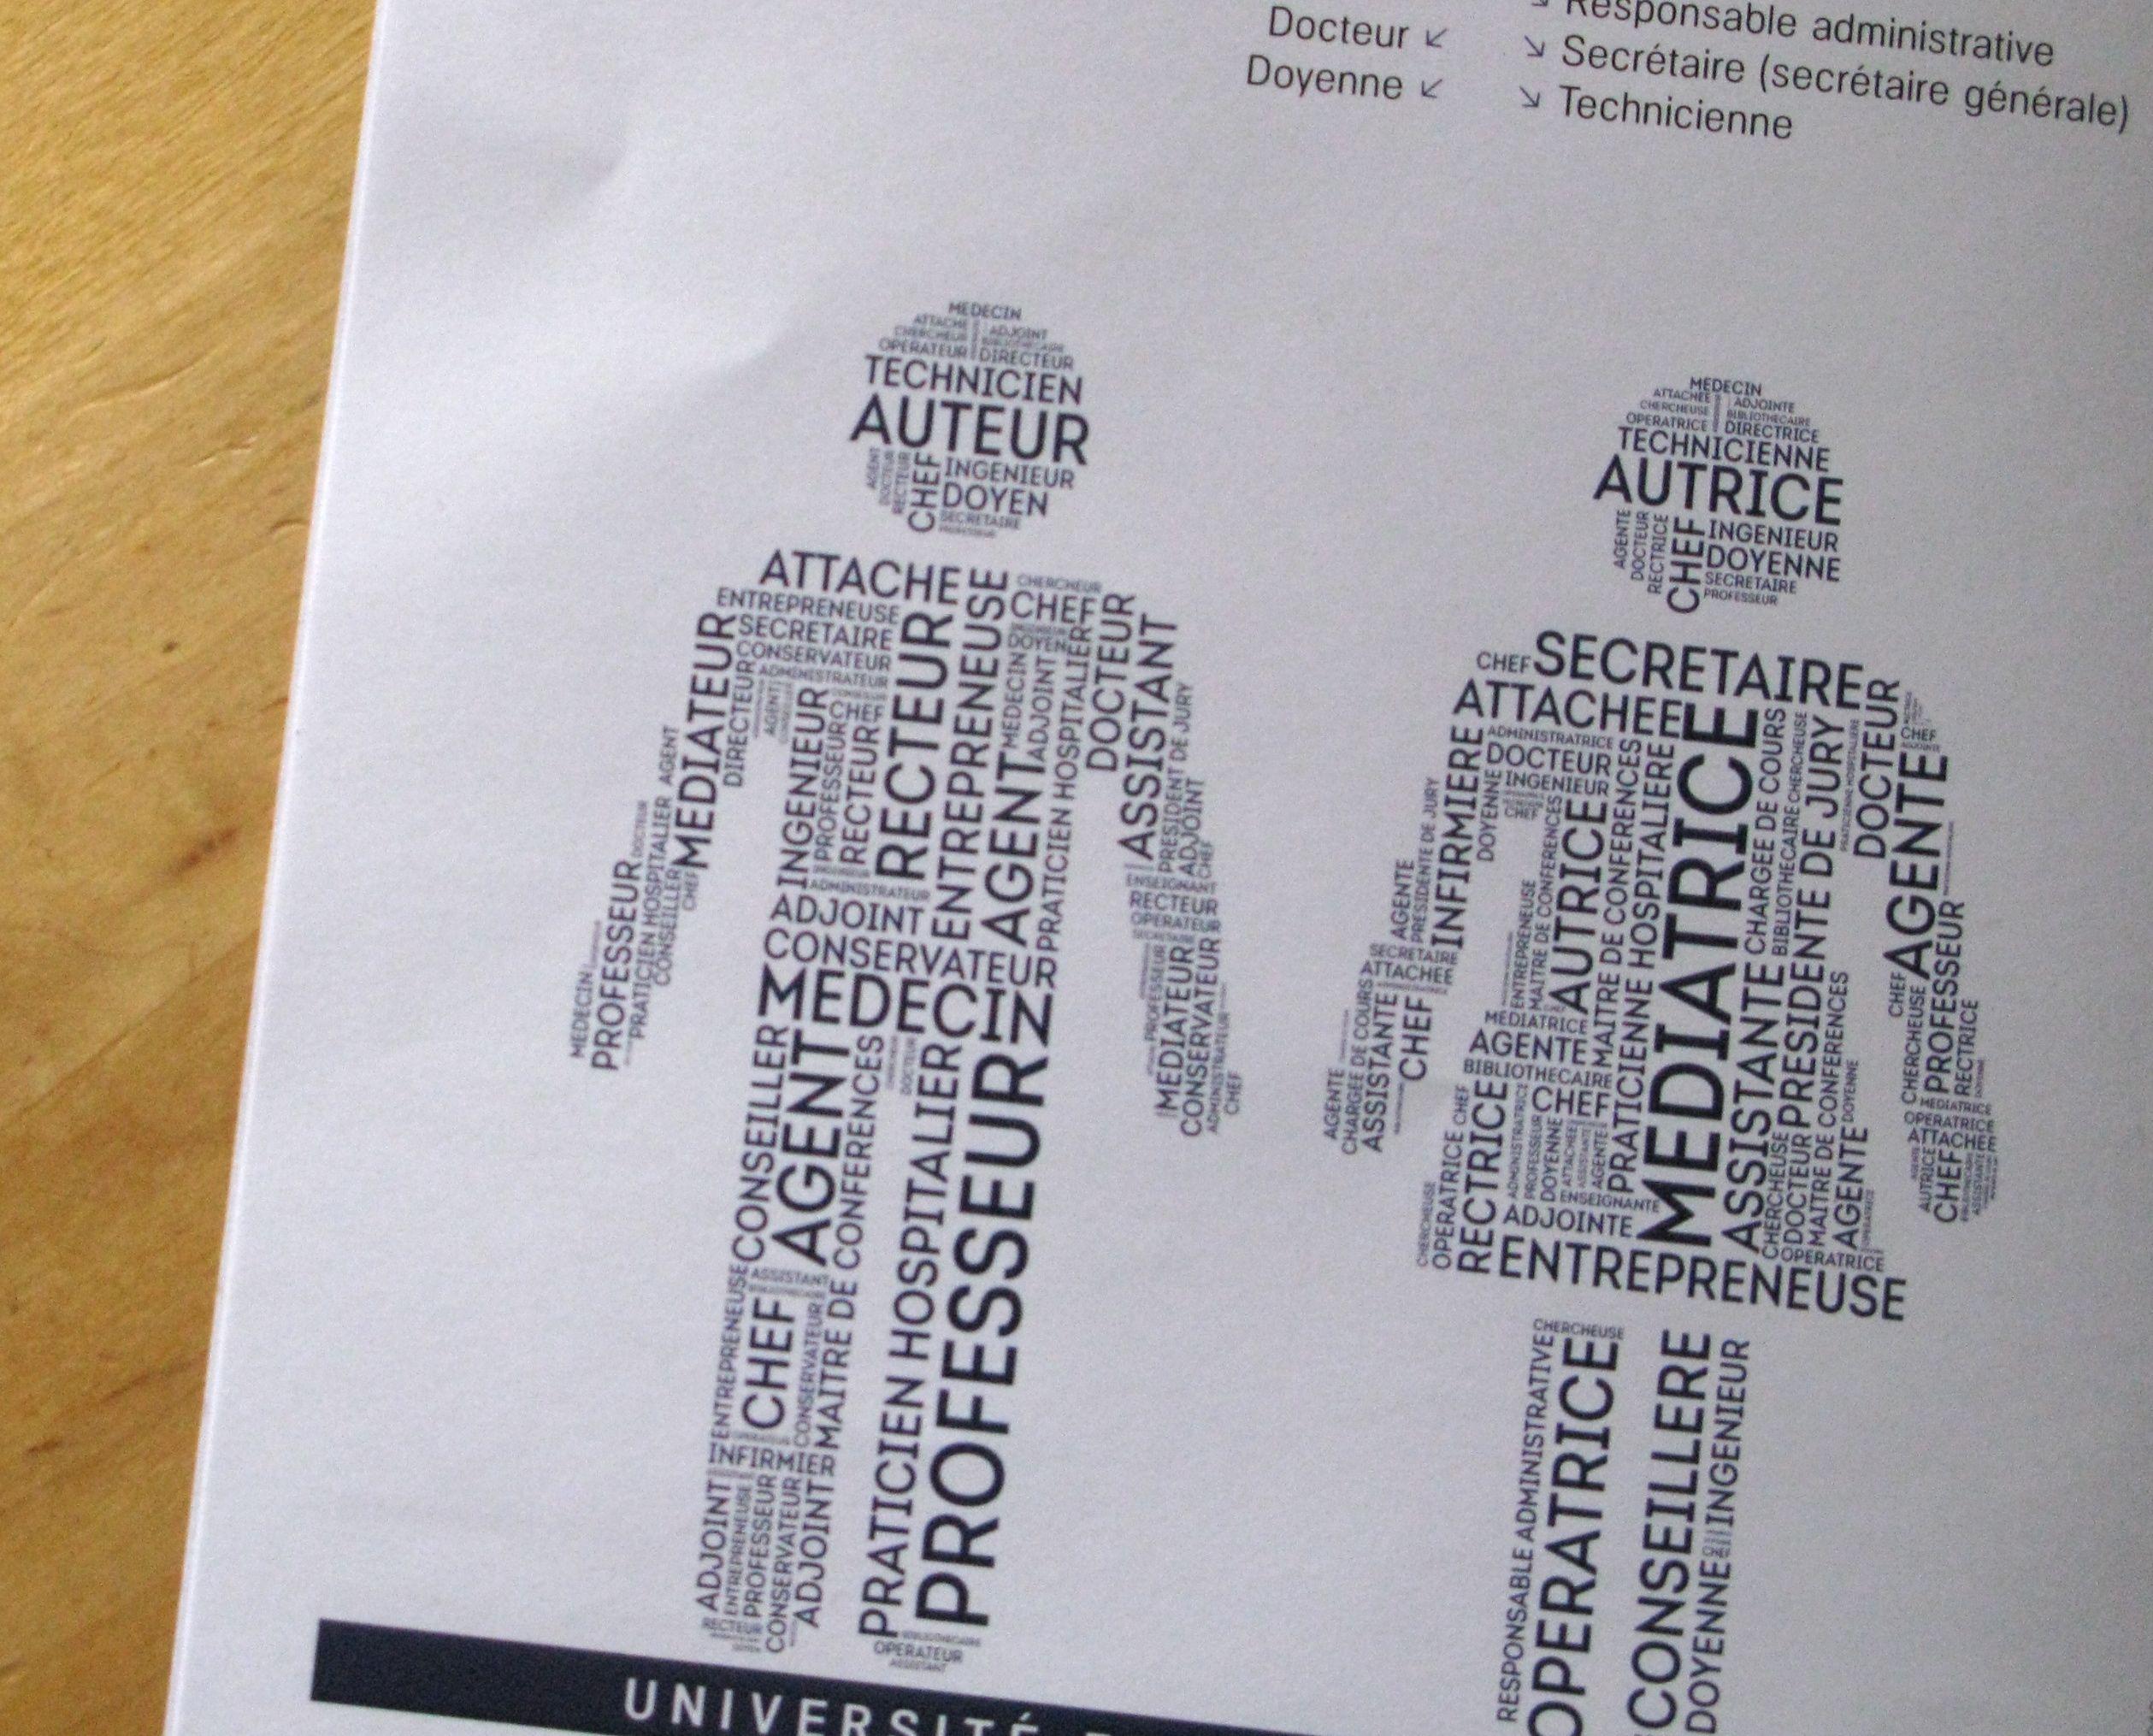 """Un """"nuage de mots-clés"""" pour habiller les silhouettes """"homme"""" et """"femme"""" des santitaires. Pour les hommes, les mots écrits en gros sont """"auteur"""", """"recteur"""", """"professeur"""", """"médecine"""". Pour les femmes, les mots """"secrétaire"""", """"médiatrice"""", """"opératrice"""", """"conseillère""""."""